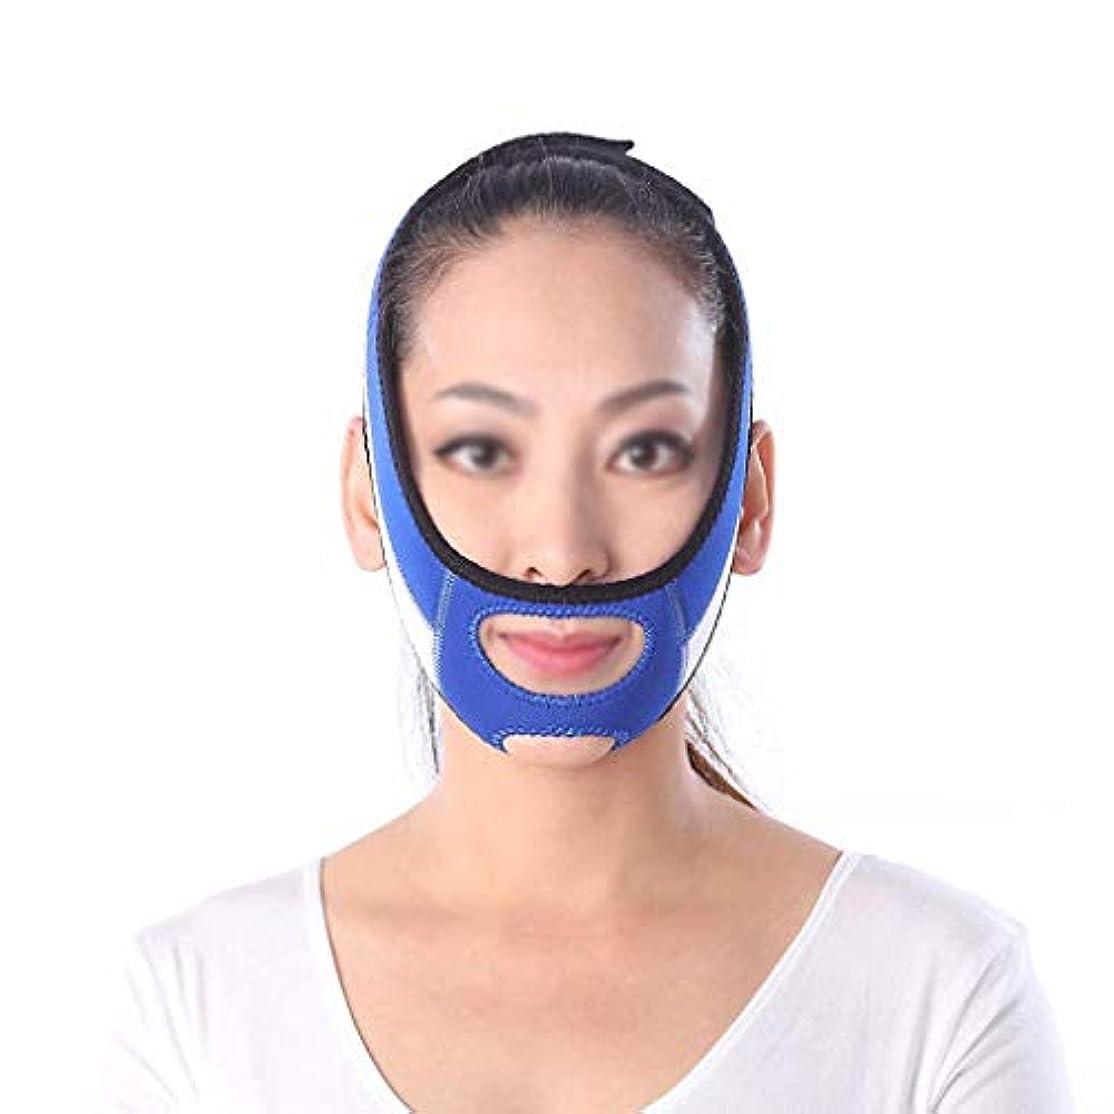 愚かな遊び場十一フェイスリフティング包帯、フェイスリフティングマスク、フェイスリフティングアプライアンス、ダブルチンケア減量、フェイシャルリフティングストラップ(フリーサイズ、ブルー)